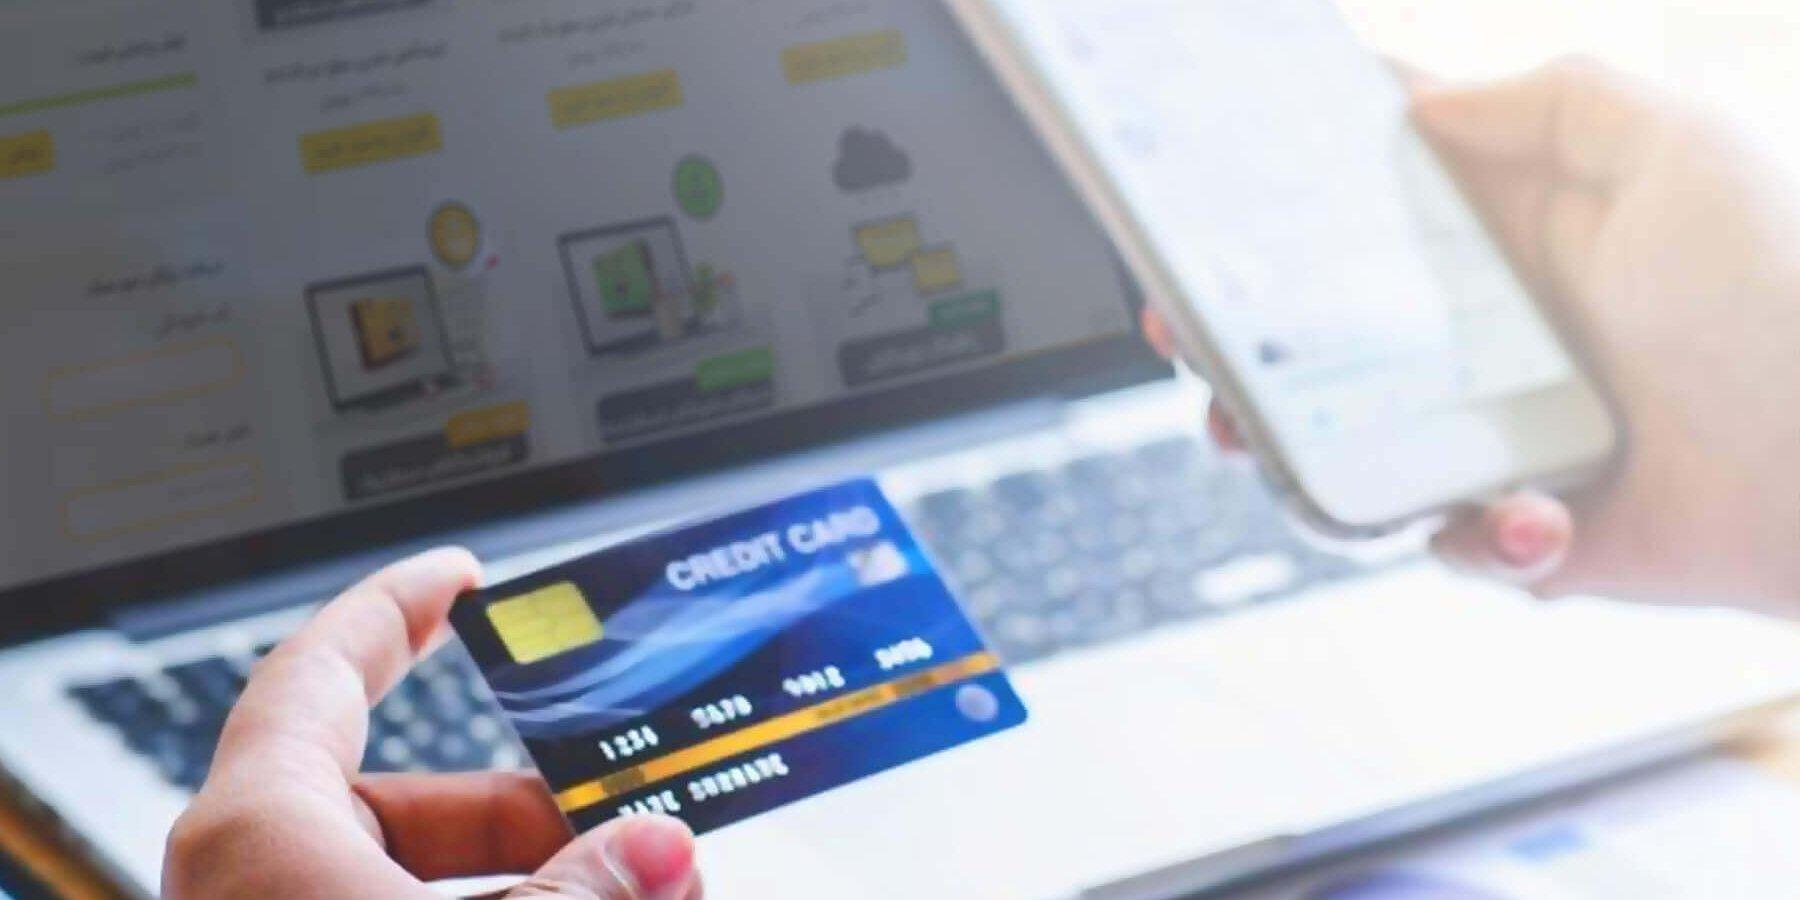 موقع خرید نرم افزار حسابداری این سه نکته مهم را در نظر بگیرید!